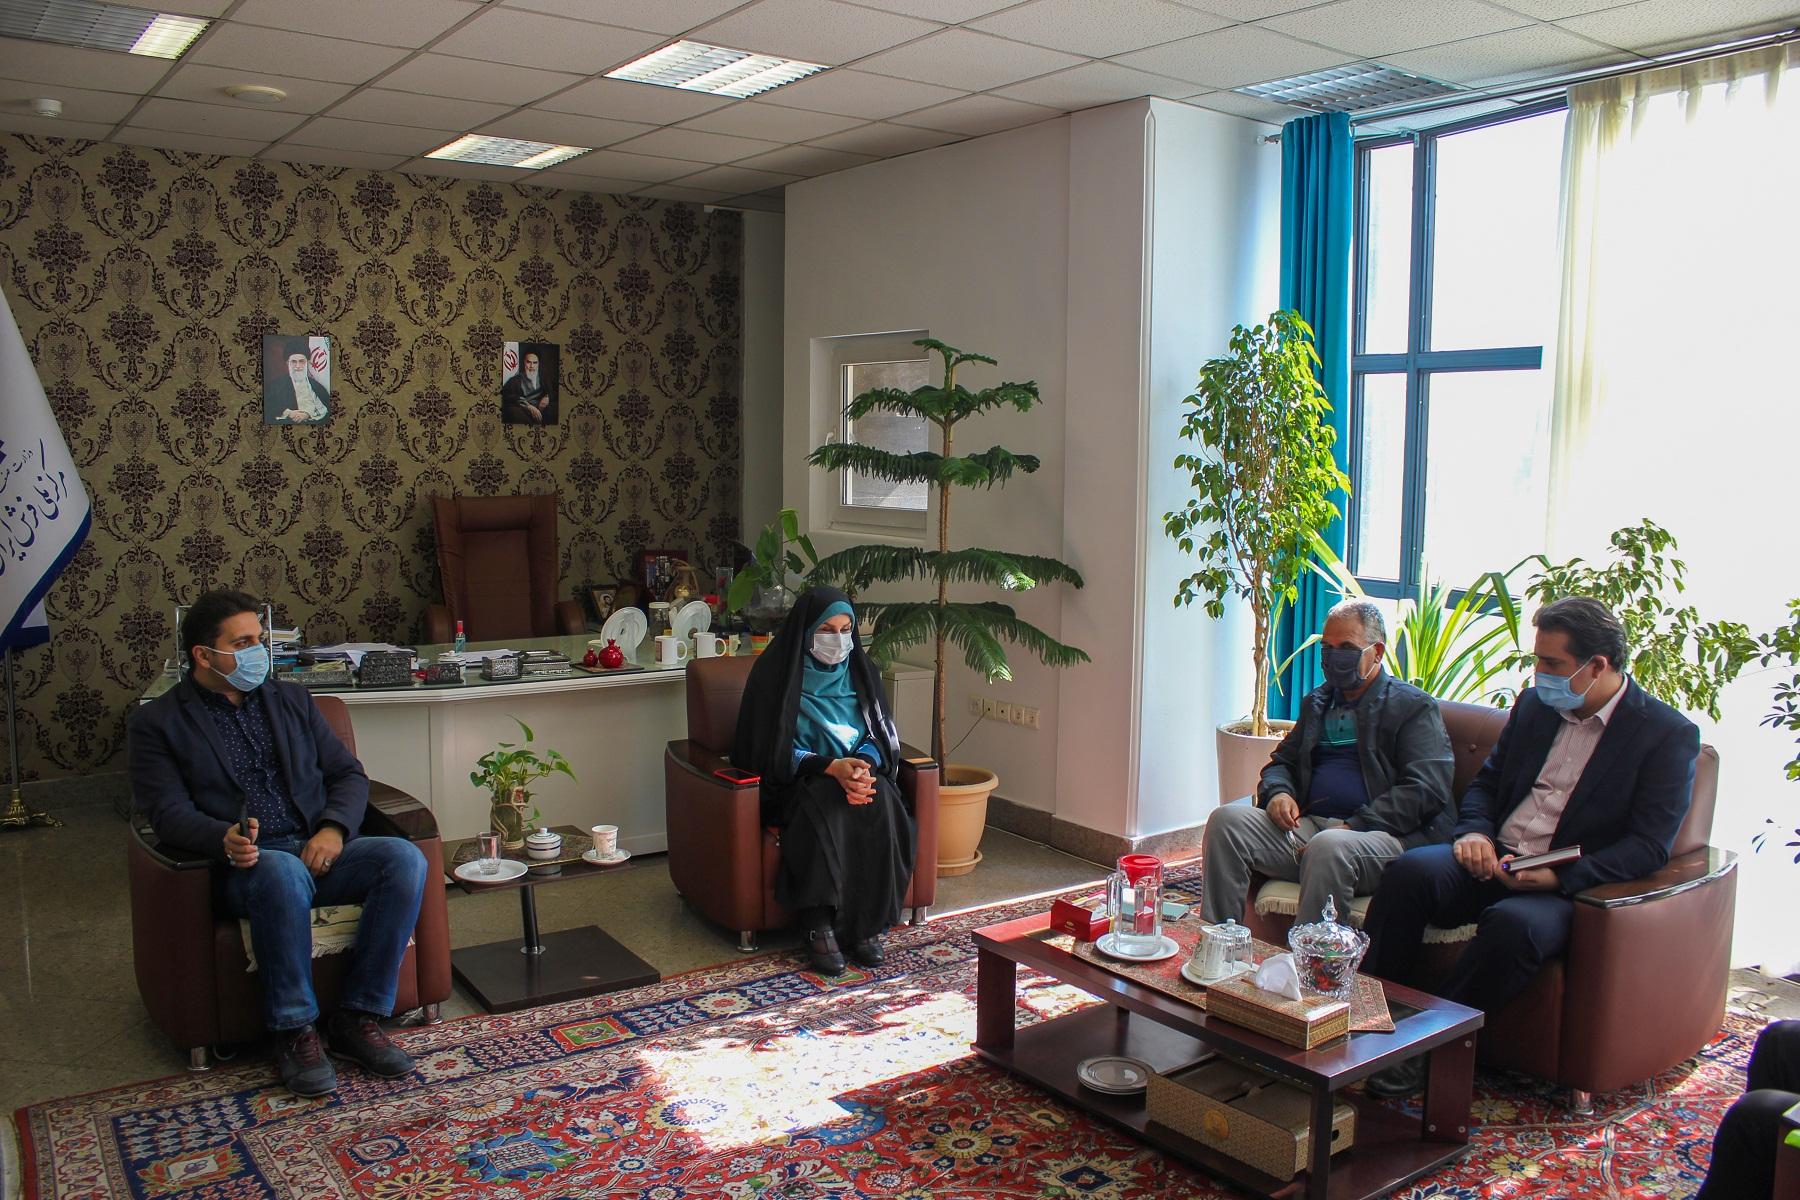 حمایت مرکز ملی فرش ایران از استارت آپ های فعال در حوزه فرش دستباف